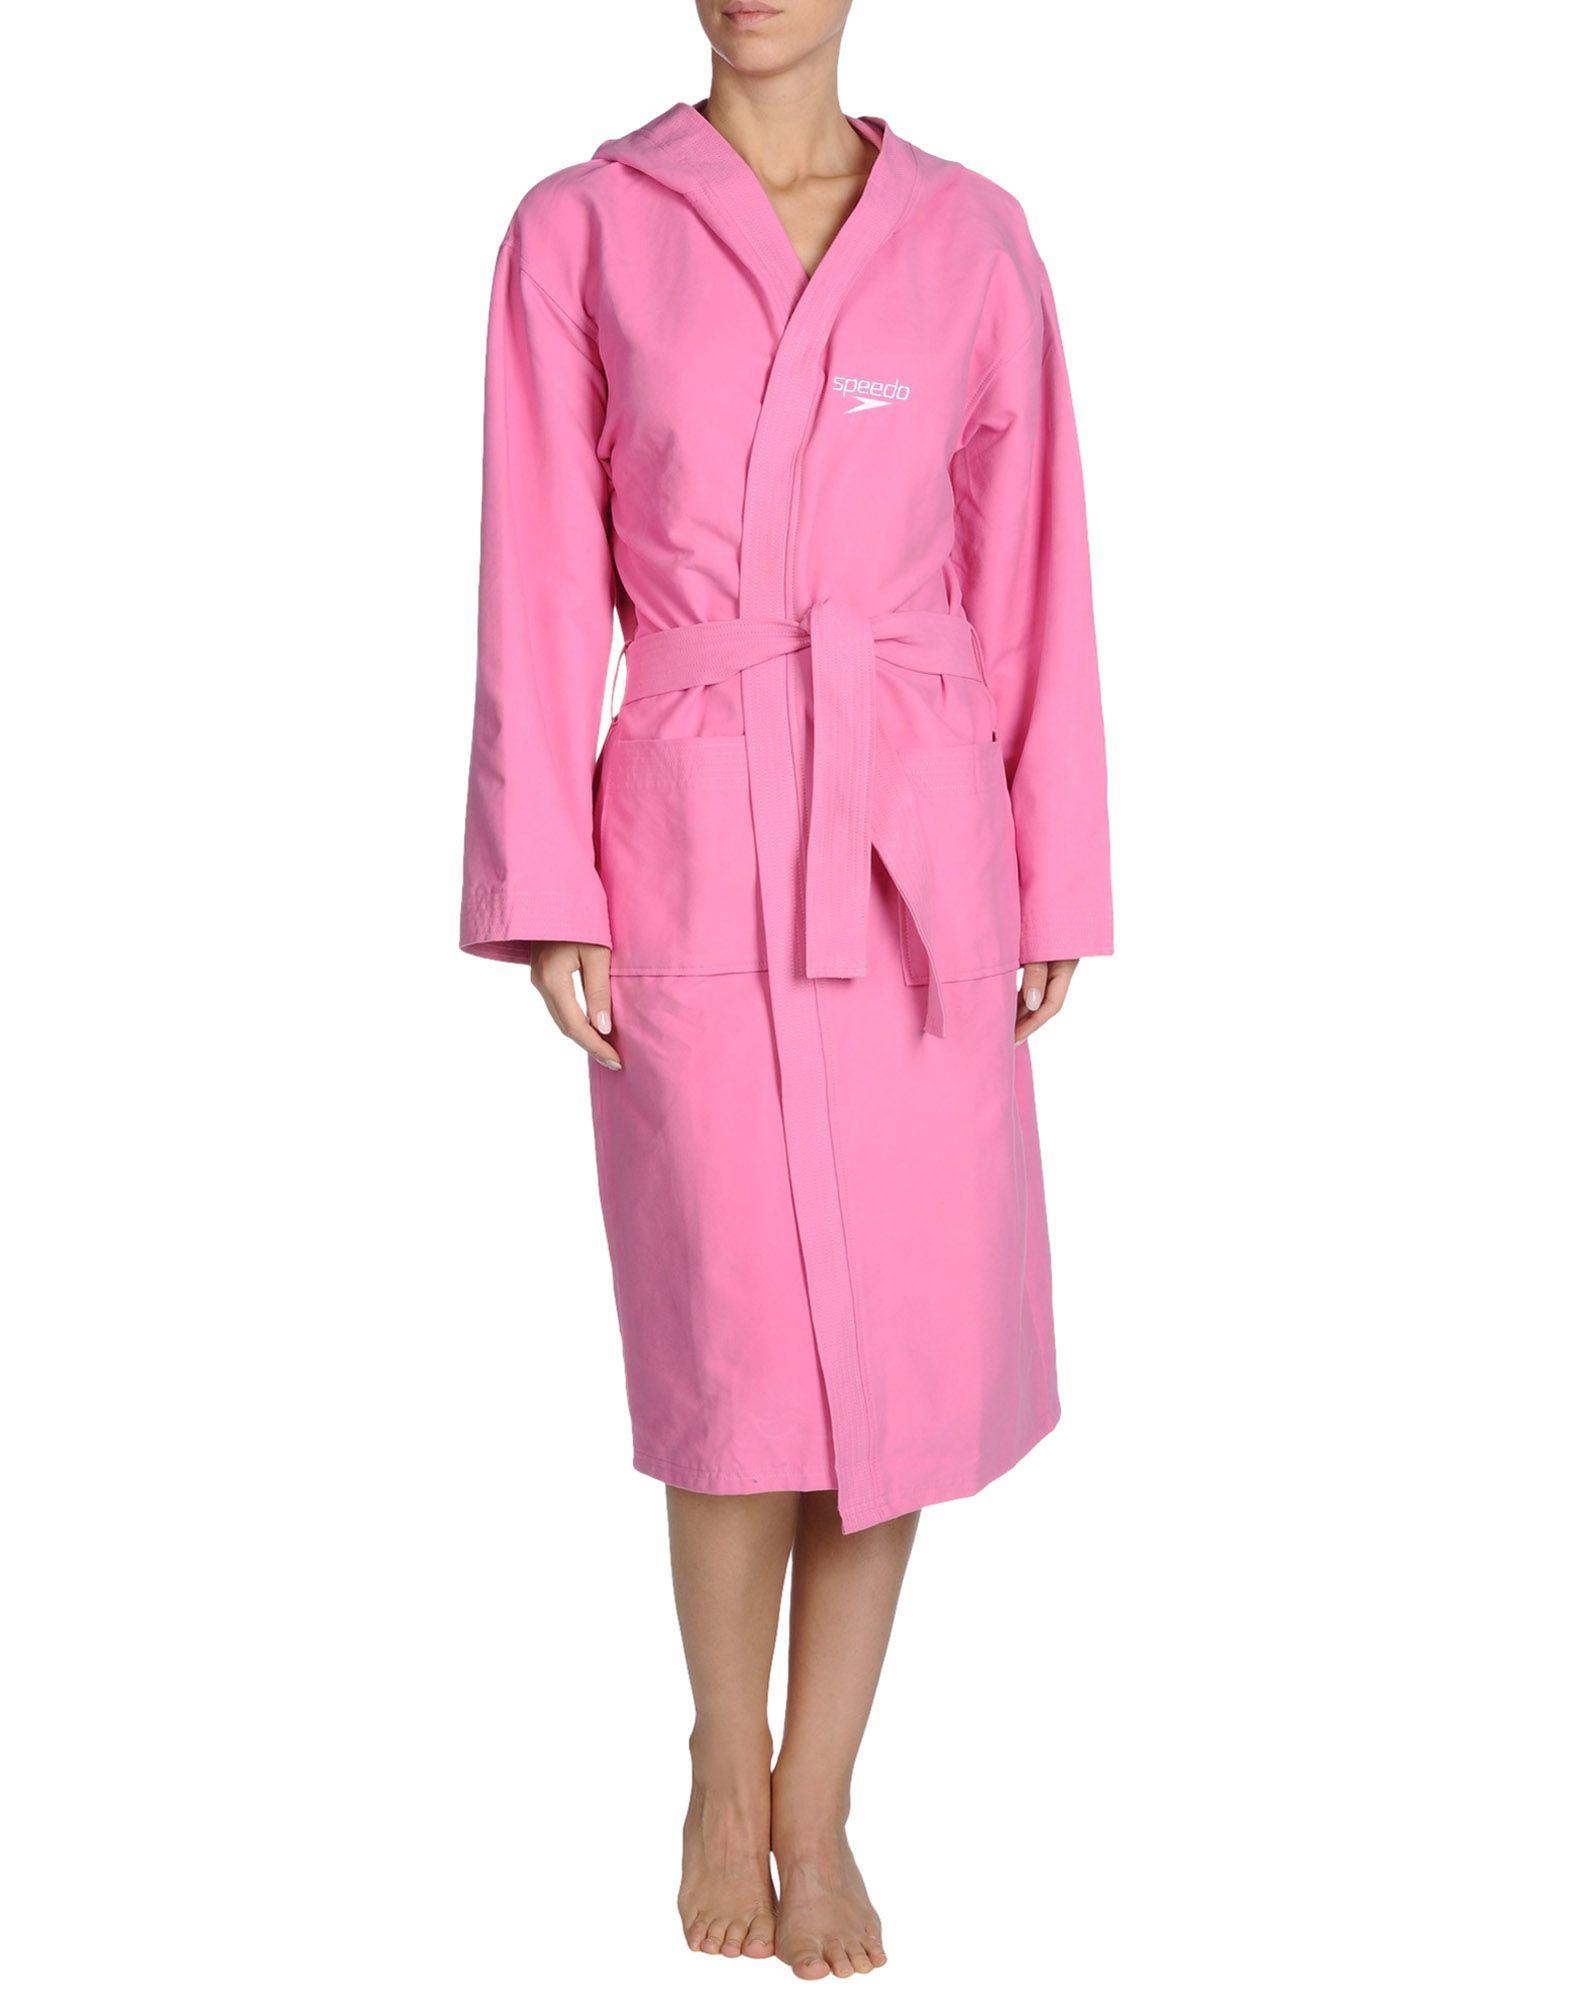 speedo female speedo bathrobes